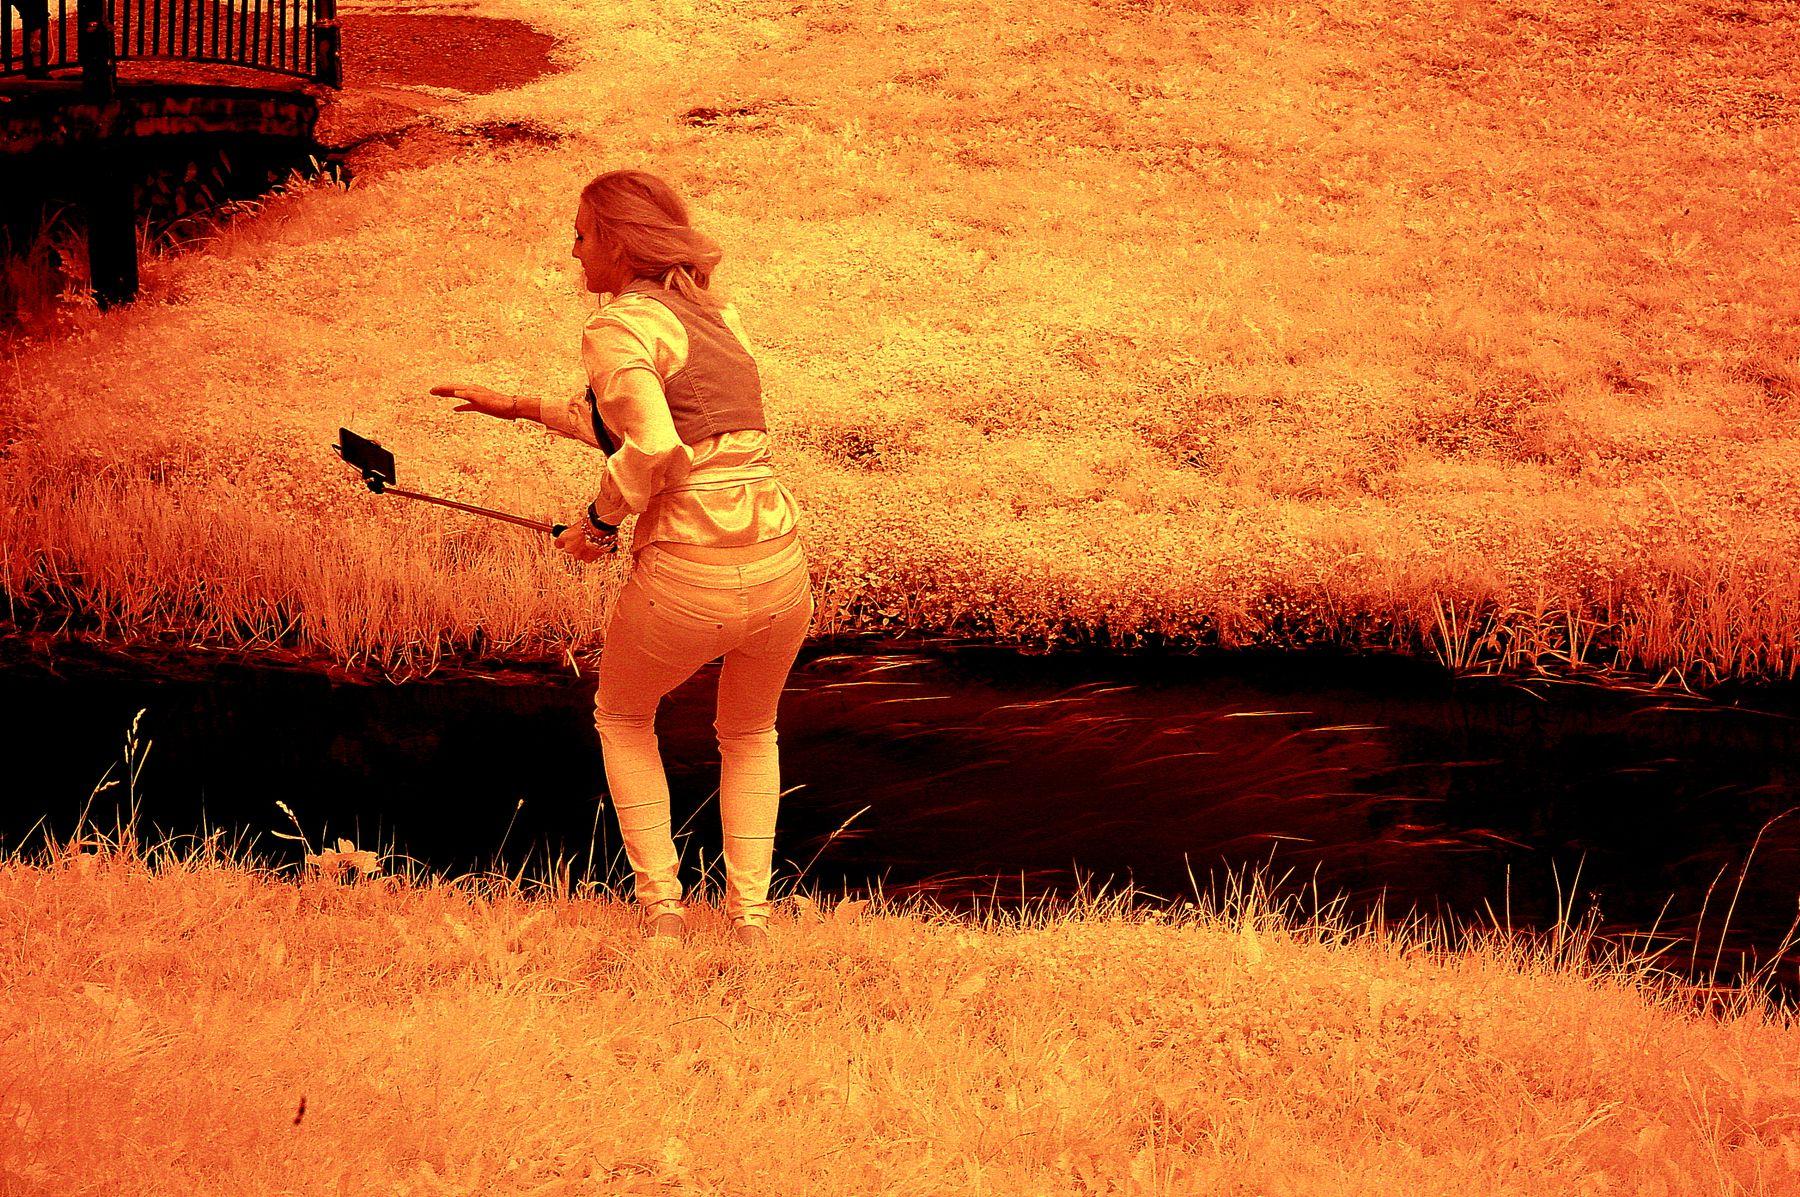 За миг до ......Ярославль.Ярославская губерния.Р.Ф.2020г.г. от Р.Х. Инфракрасная,чёрно-белая,монохромная, фотография. (infrared imaging) Инфракрасная чёрно-белая монохромная фотография infrared imaging